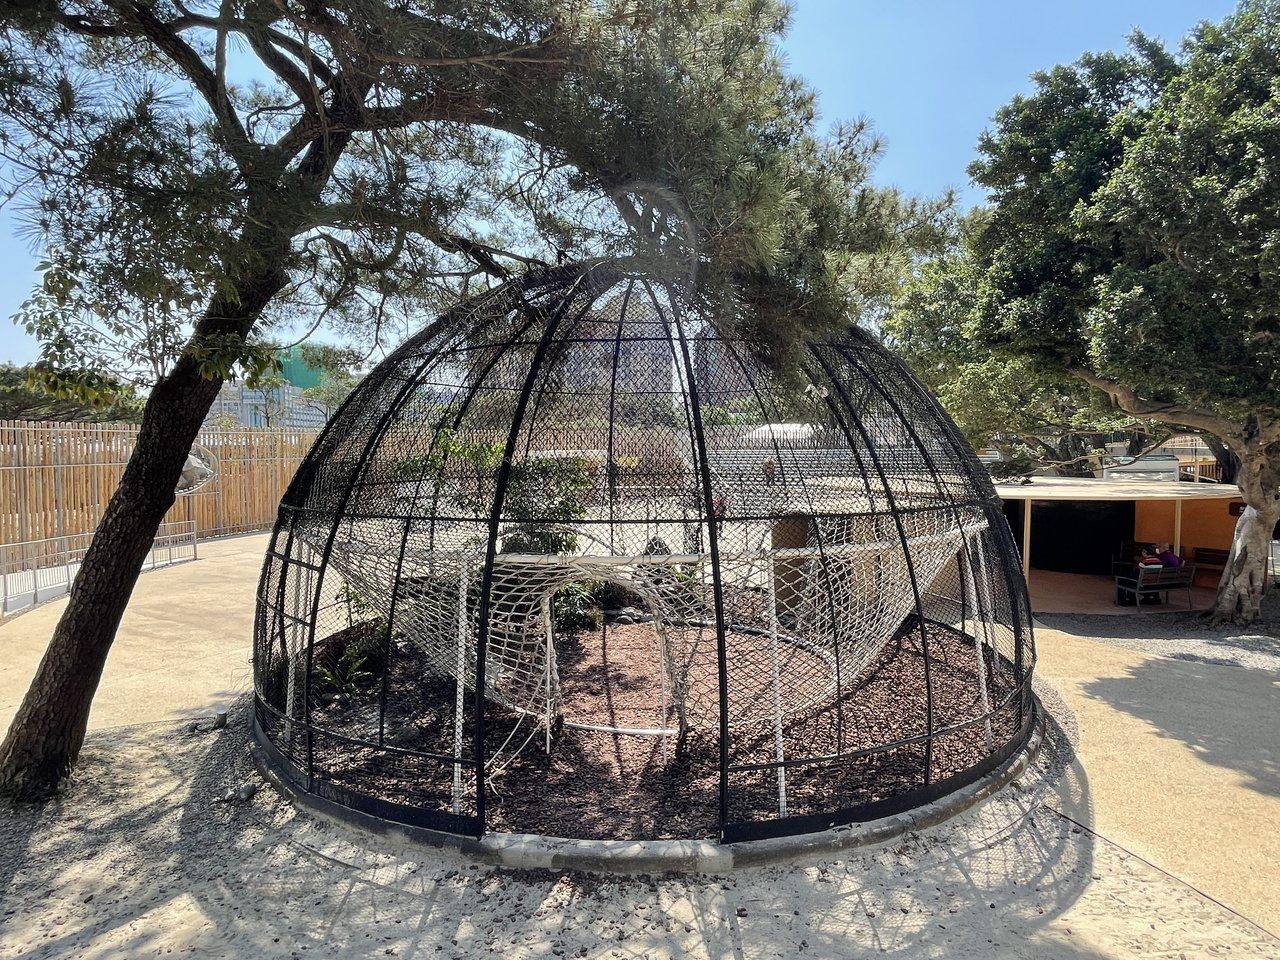 新竹市立動物園核心廣場旁的半球型大鳥籠,過去曾住著蒼鷺、埃及聖䴉、粉紅鵜鶘等鳥禽...